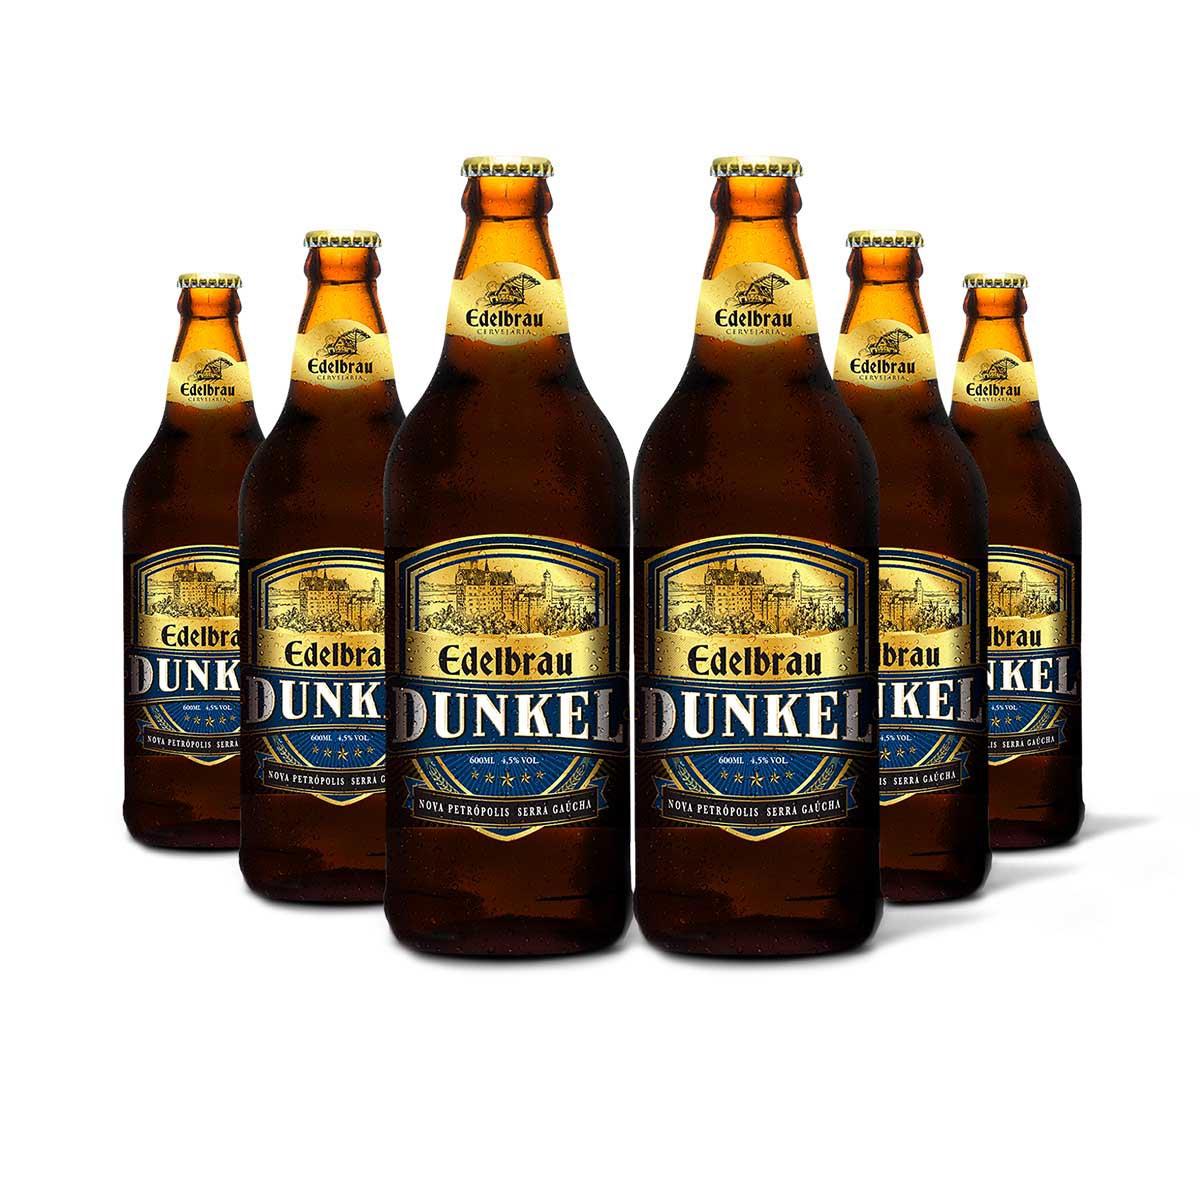 Pack Edelbrau Dunkel 6 cervejas 600ml